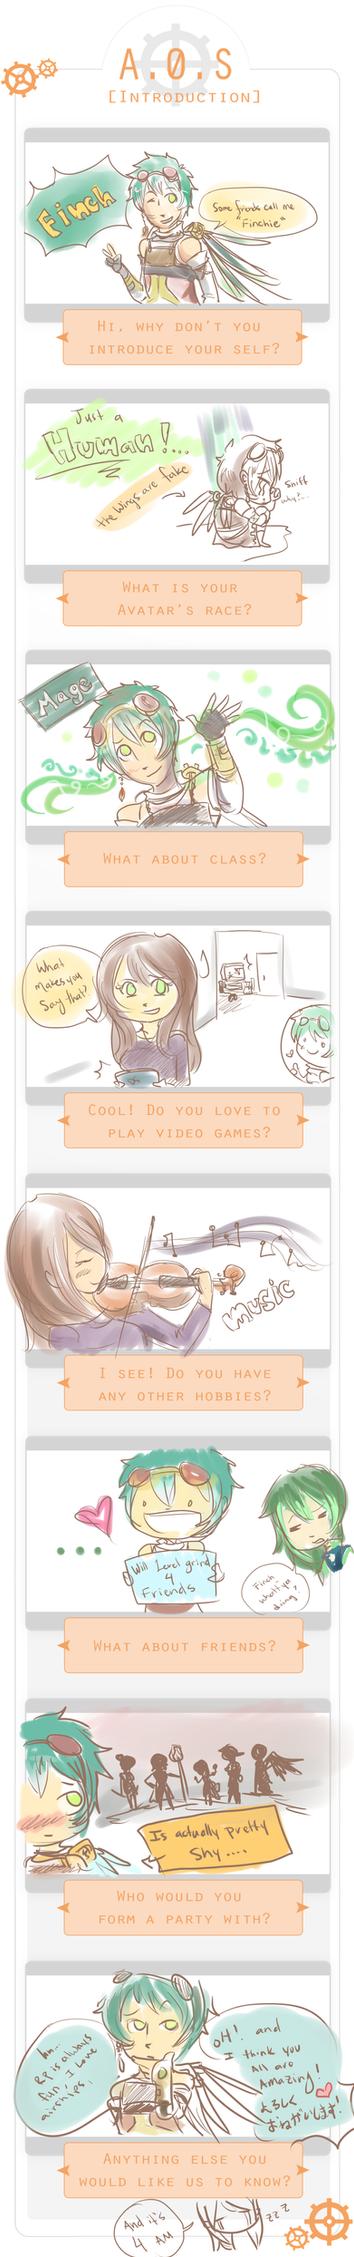 A-O-S Introduction Meme by awisha-teh-ninja